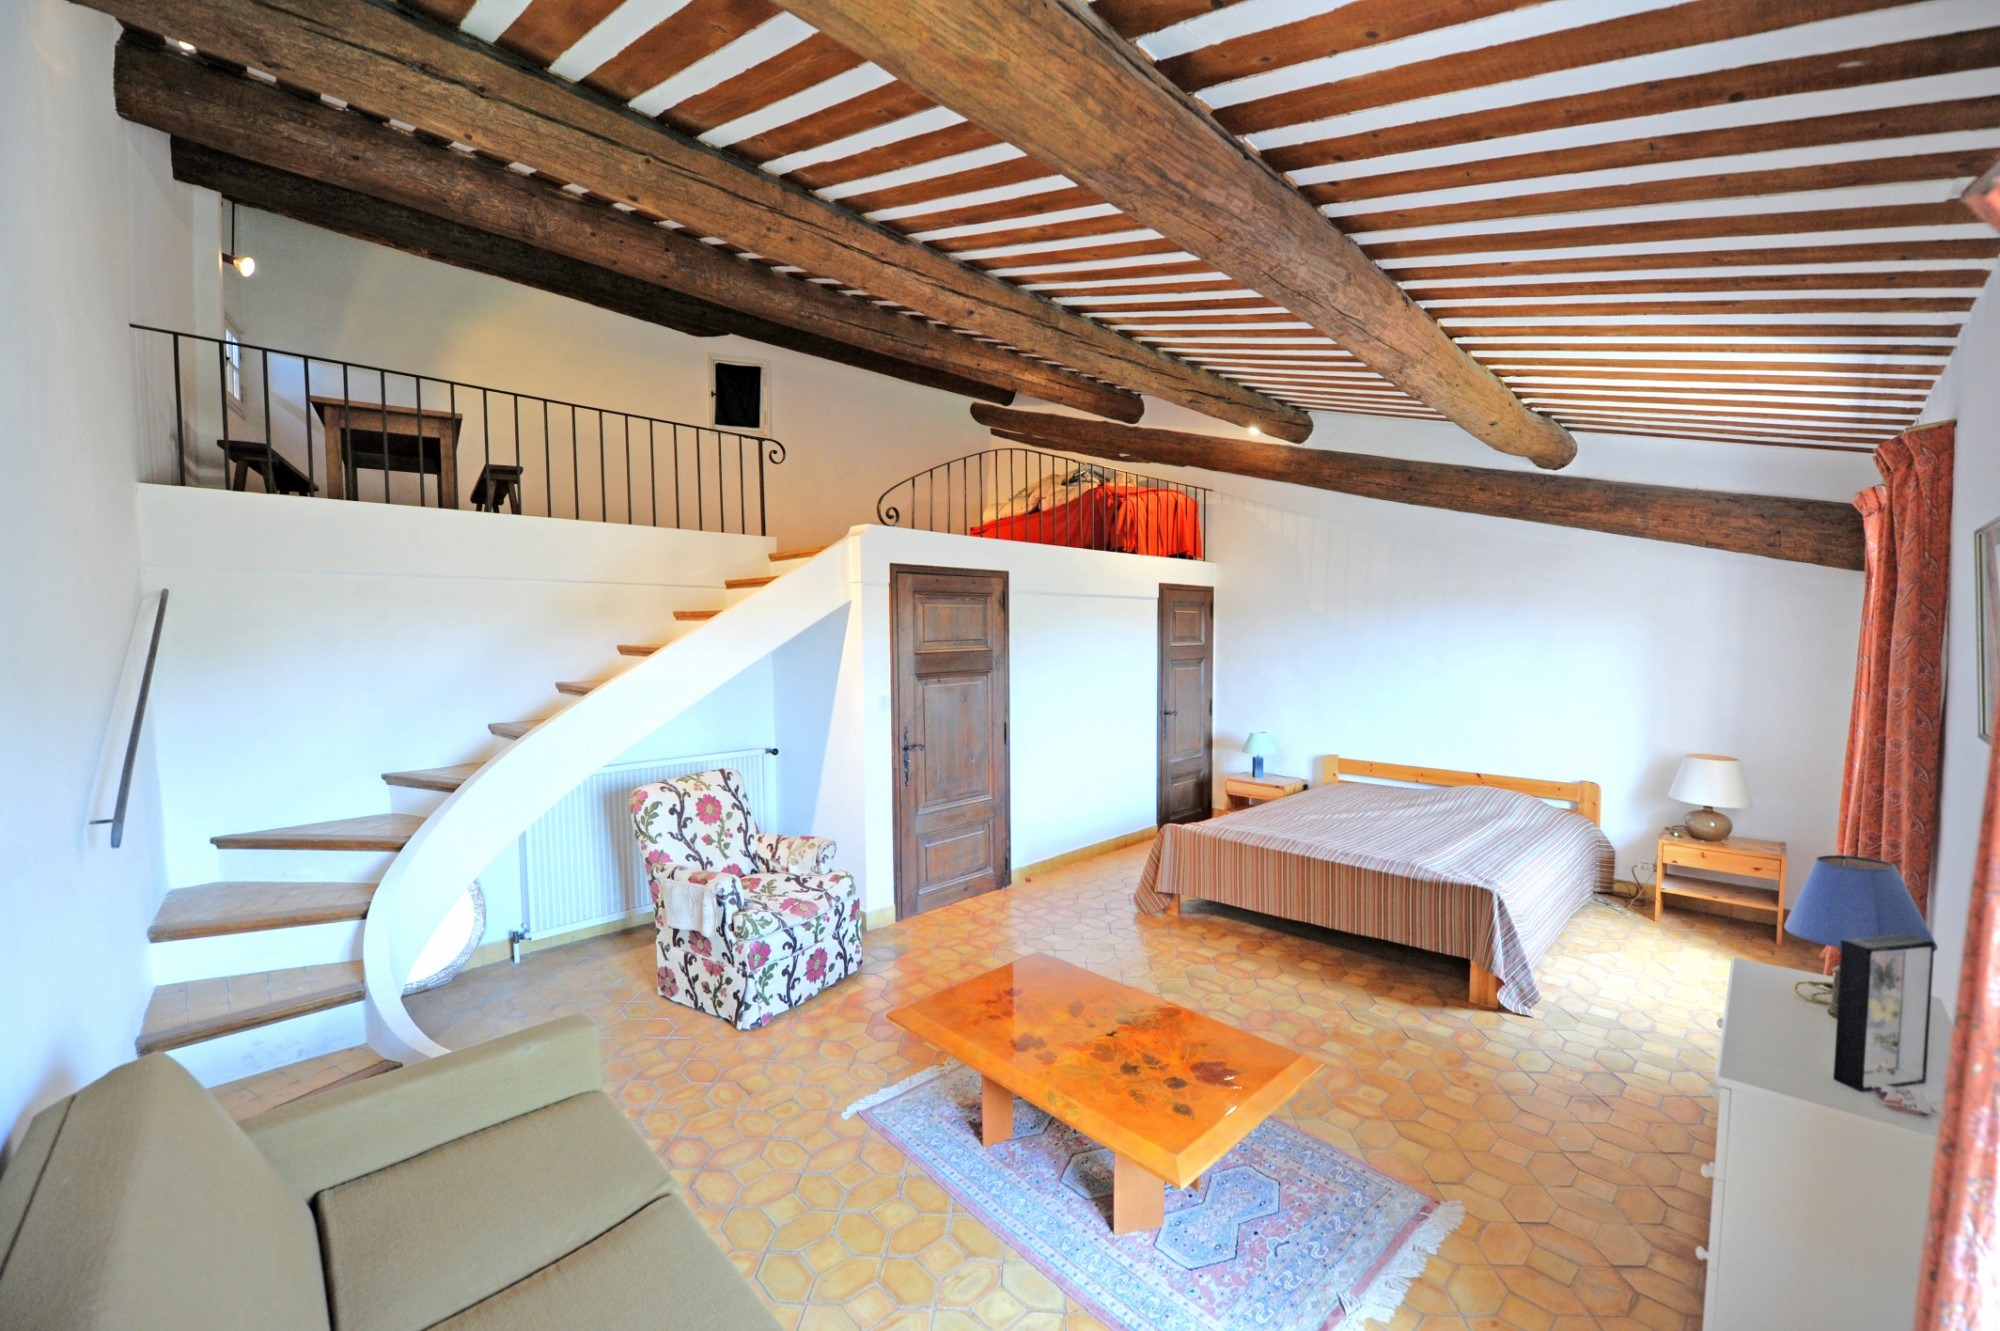 Maison de village plein sud face au Luberon, à vendre à Roussillon